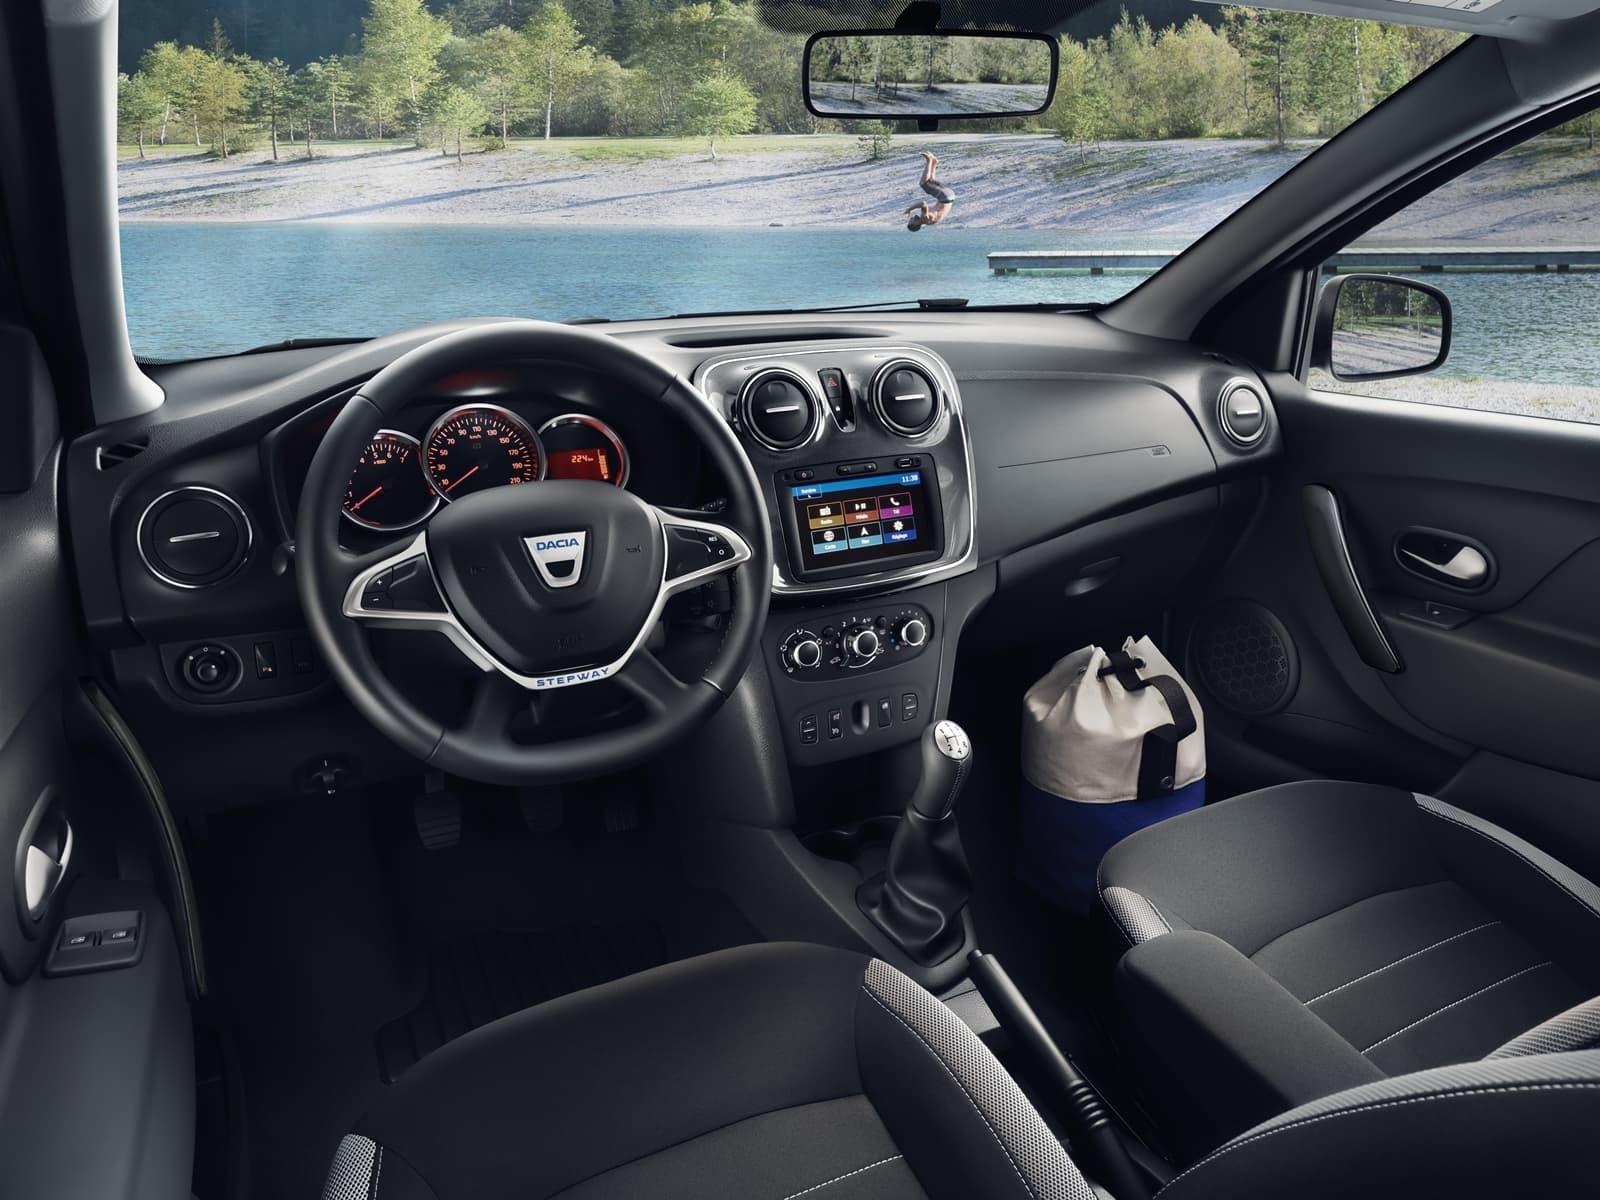 Dacia Sandero 0119 Ficha 009